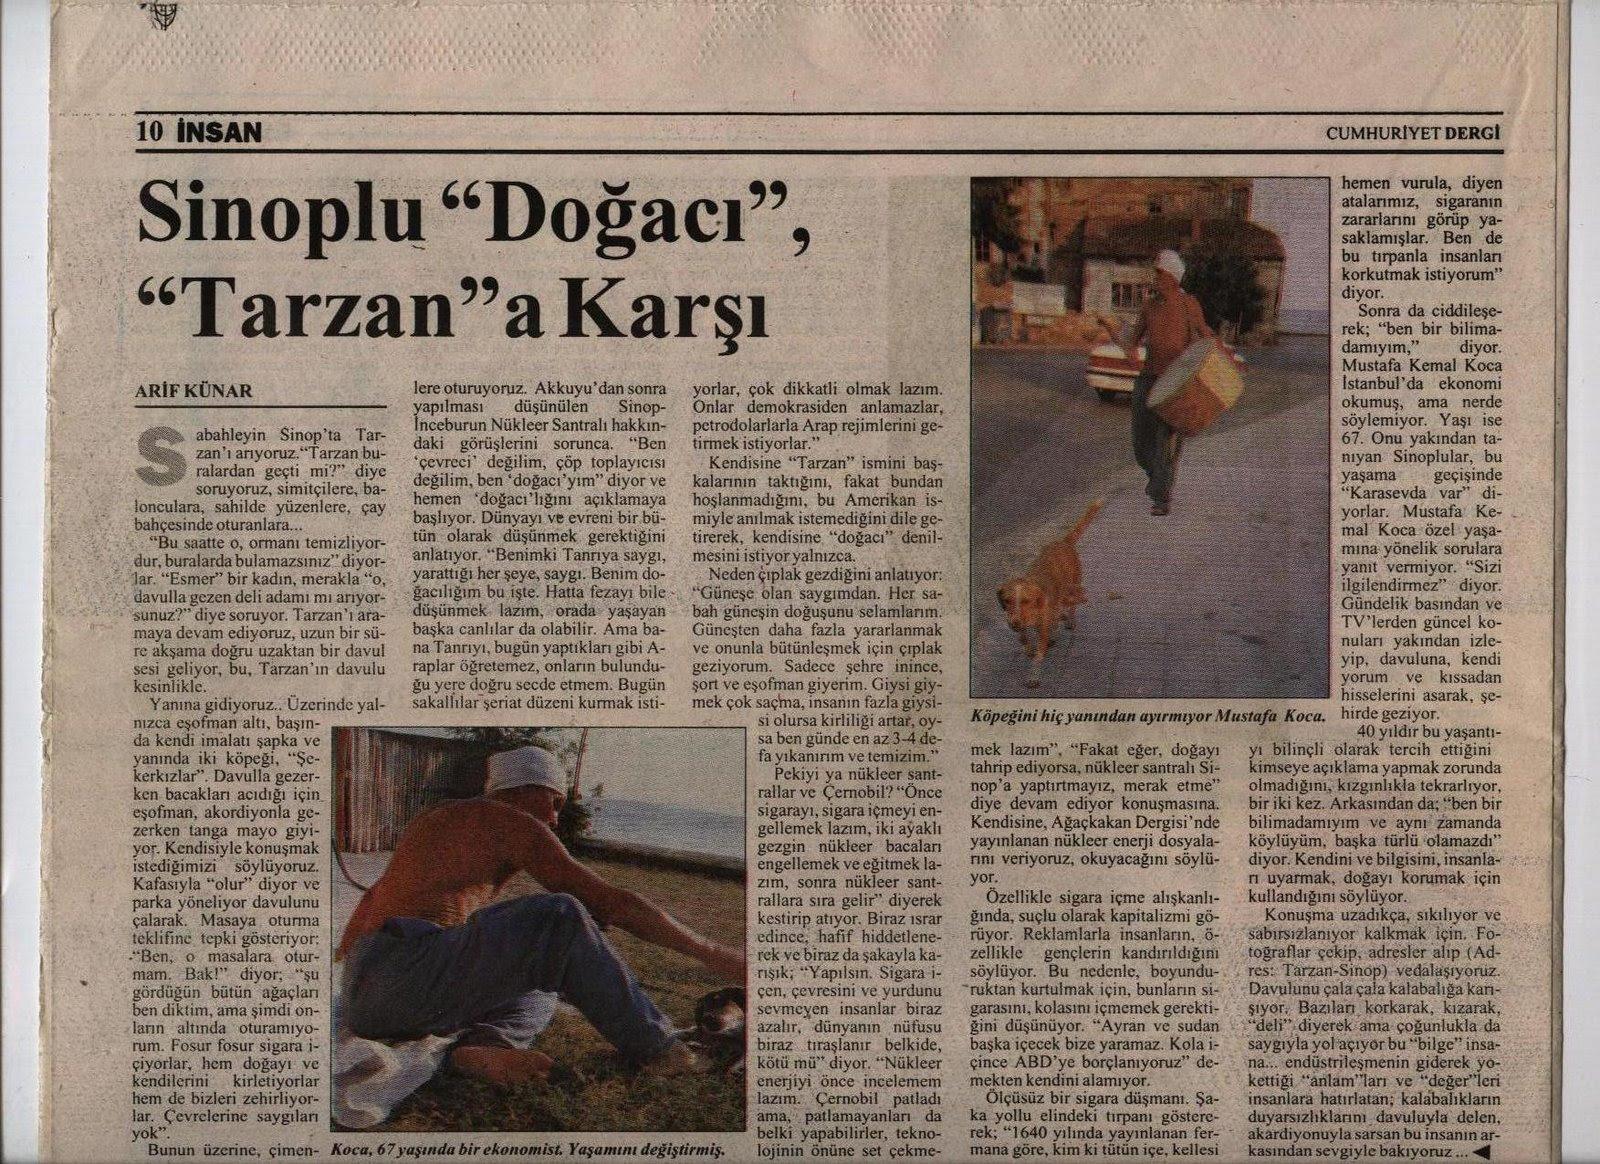 SİNOP TARZANI'NIN ANISINA... Cumhuriyet Dergi - Temmuz 1996